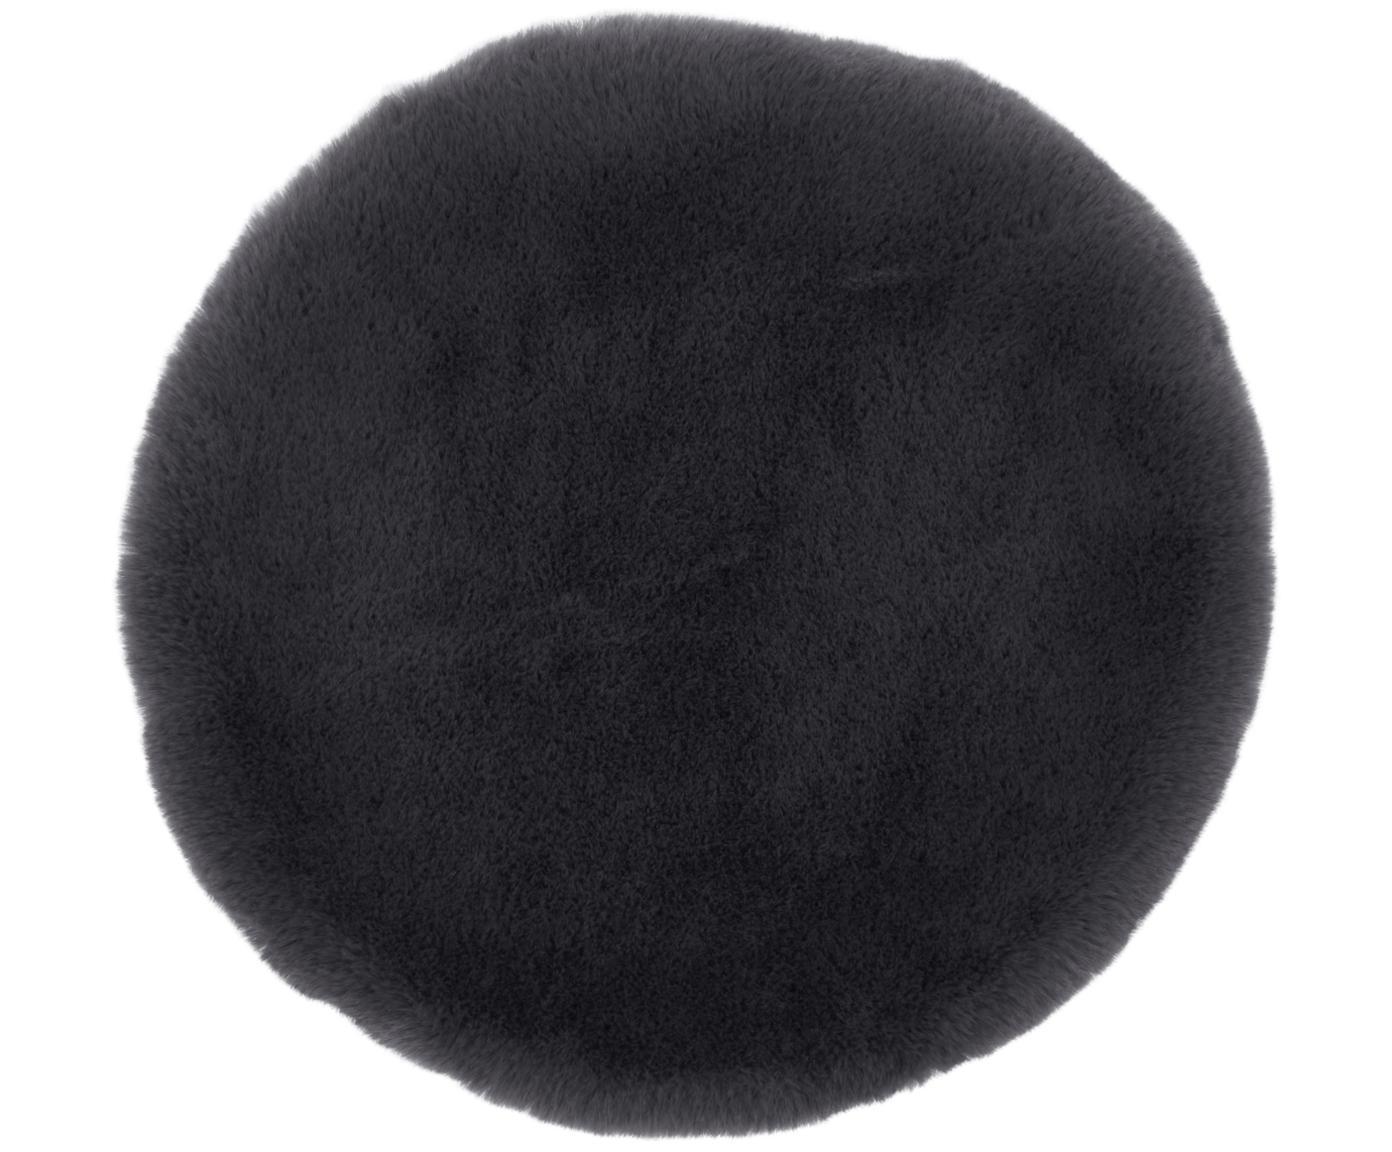 Cuscino sedia in pelliccia sintetica Matte, liscio, Retro: 100% poliestere, Grigio scuro, Ø 37 cm